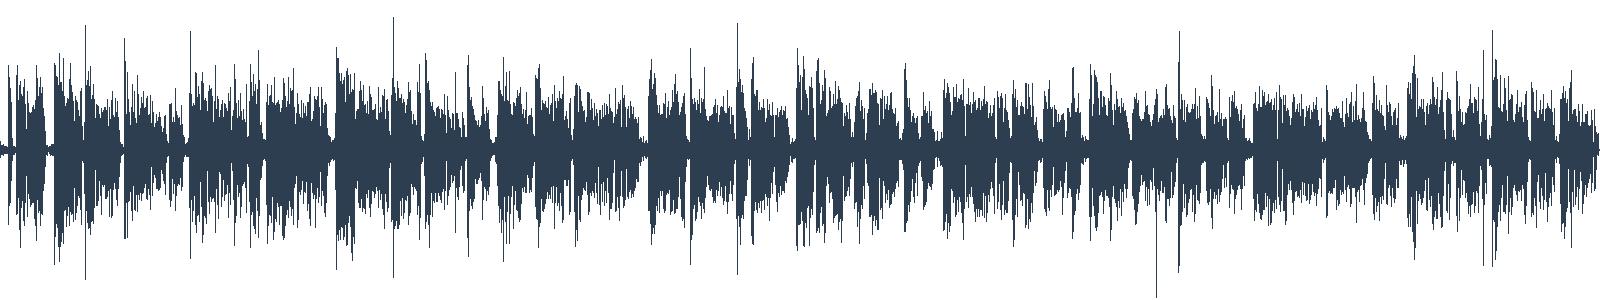 Prašina 2, Kirké a další nové audioknihy 42/2019 waveform